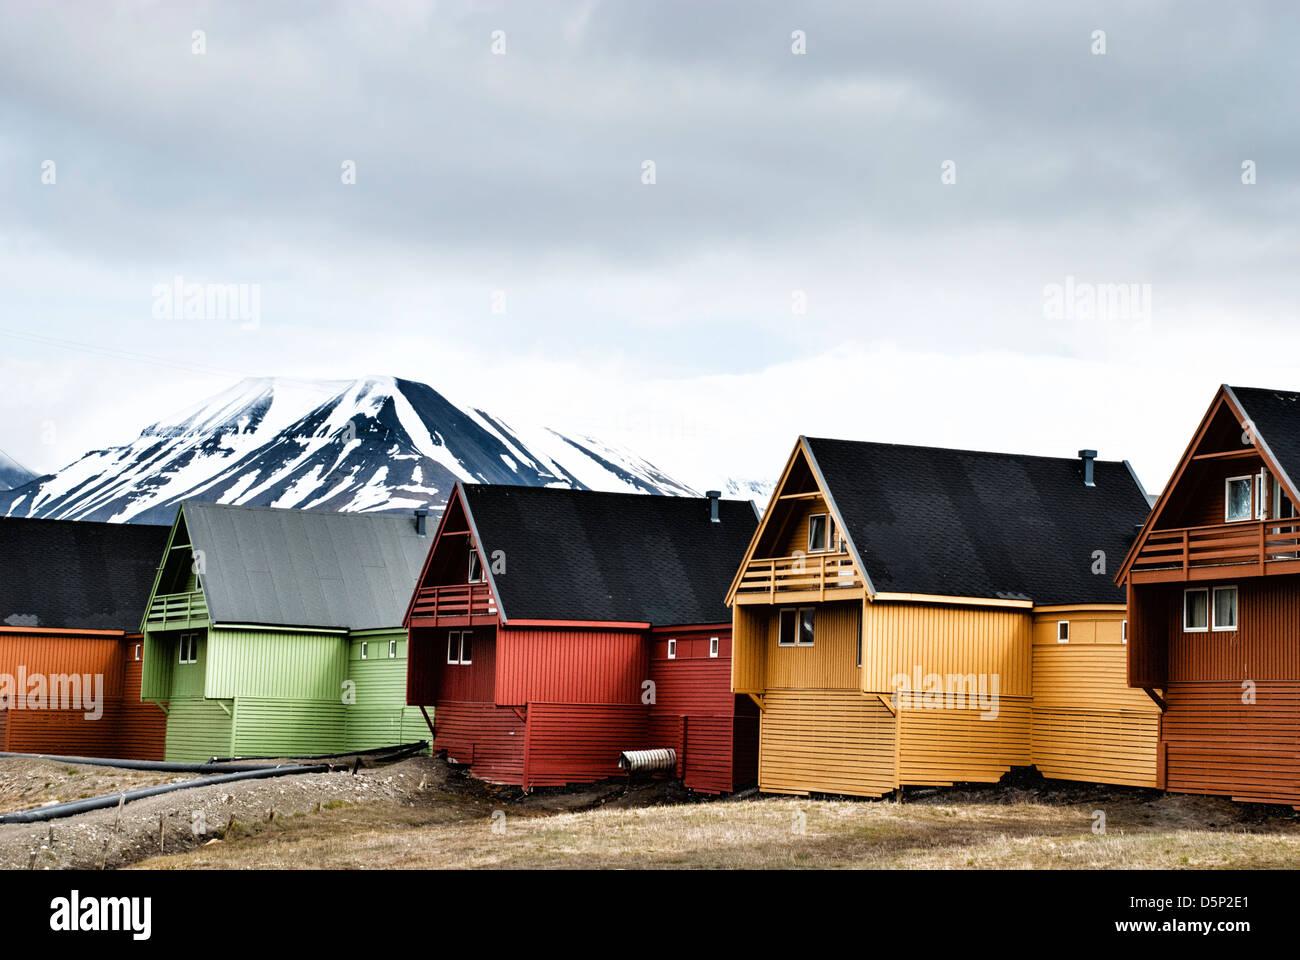 Maisons colorées de la ville de Longyearbyen au Spitzberg, archipel du Svalbard, Norvège Photo Stock